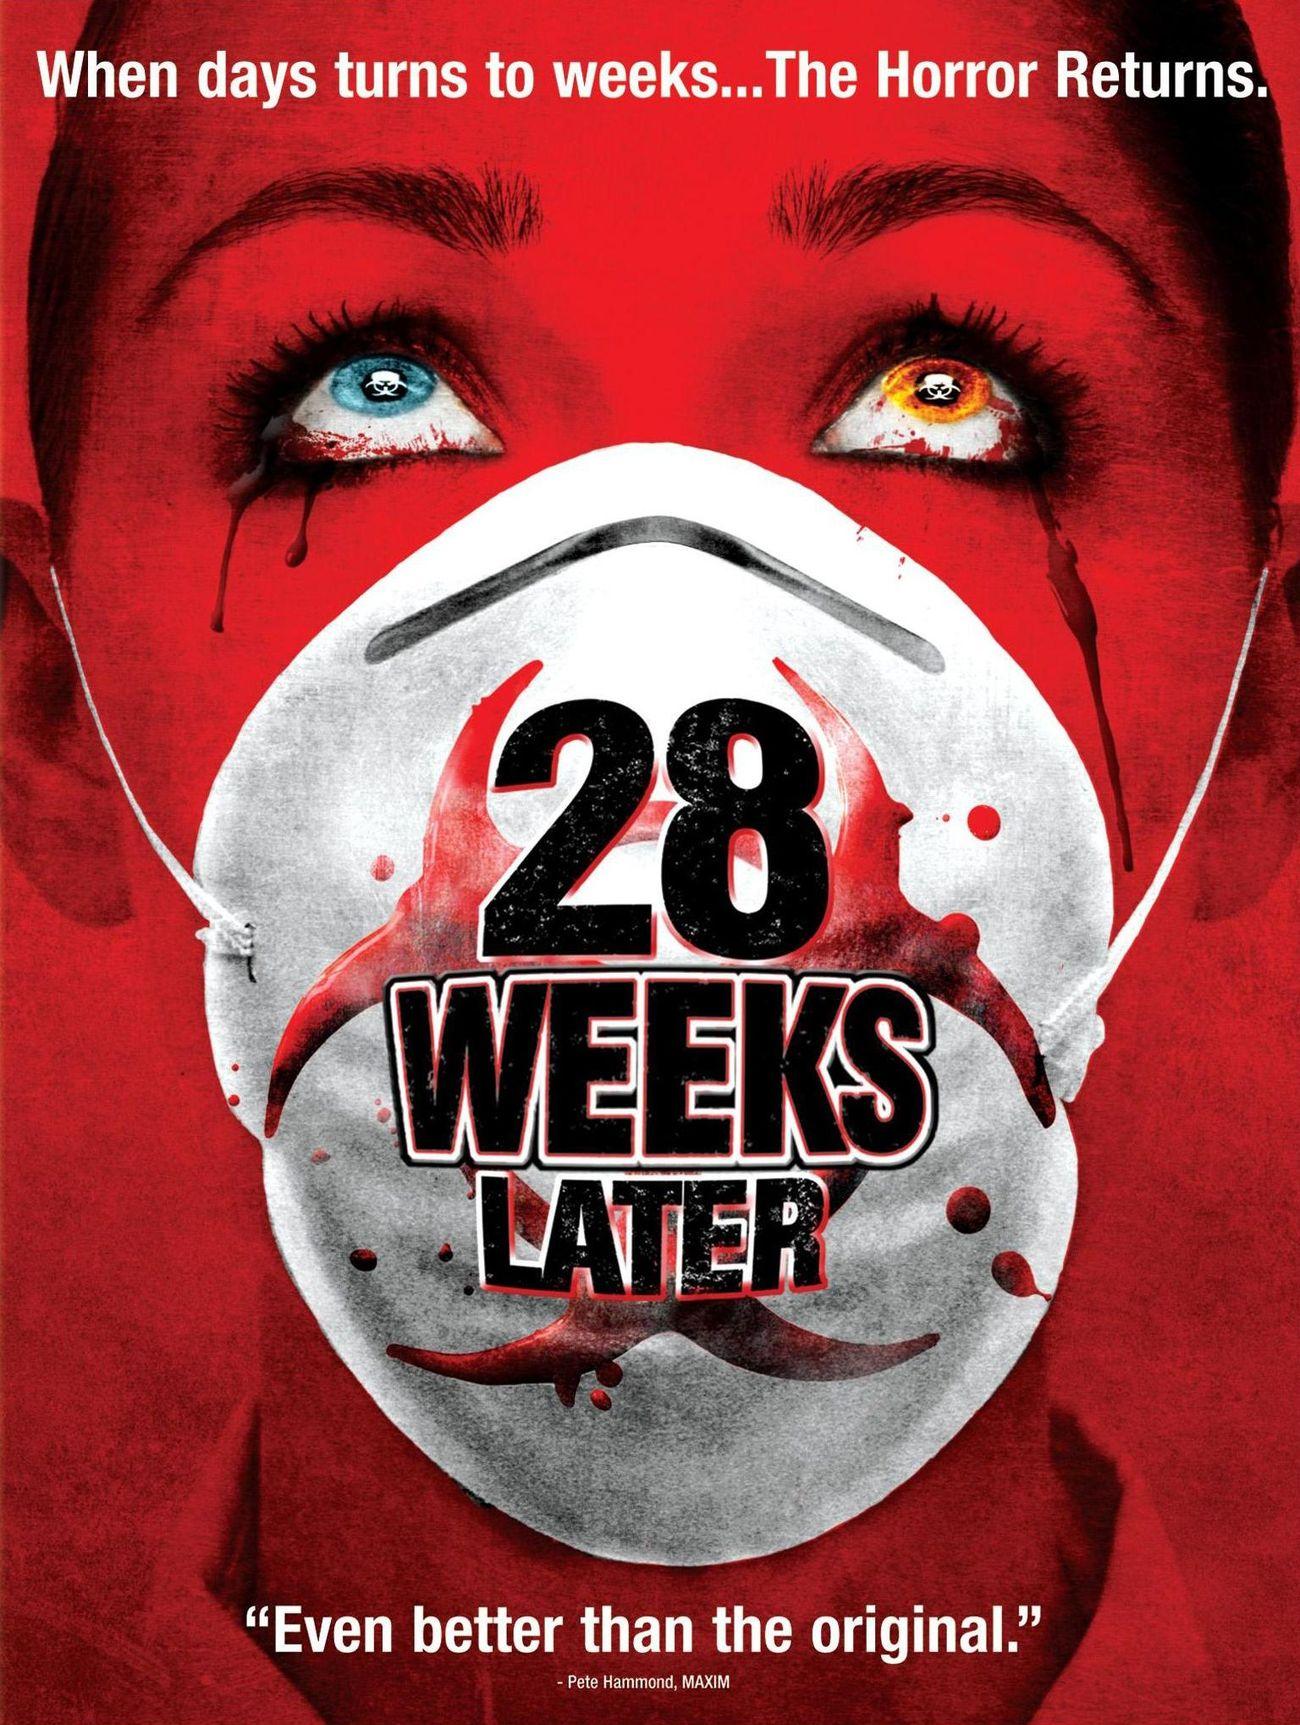 Film sniper terbaik keempat adalah 28 Weeks Later (2007)